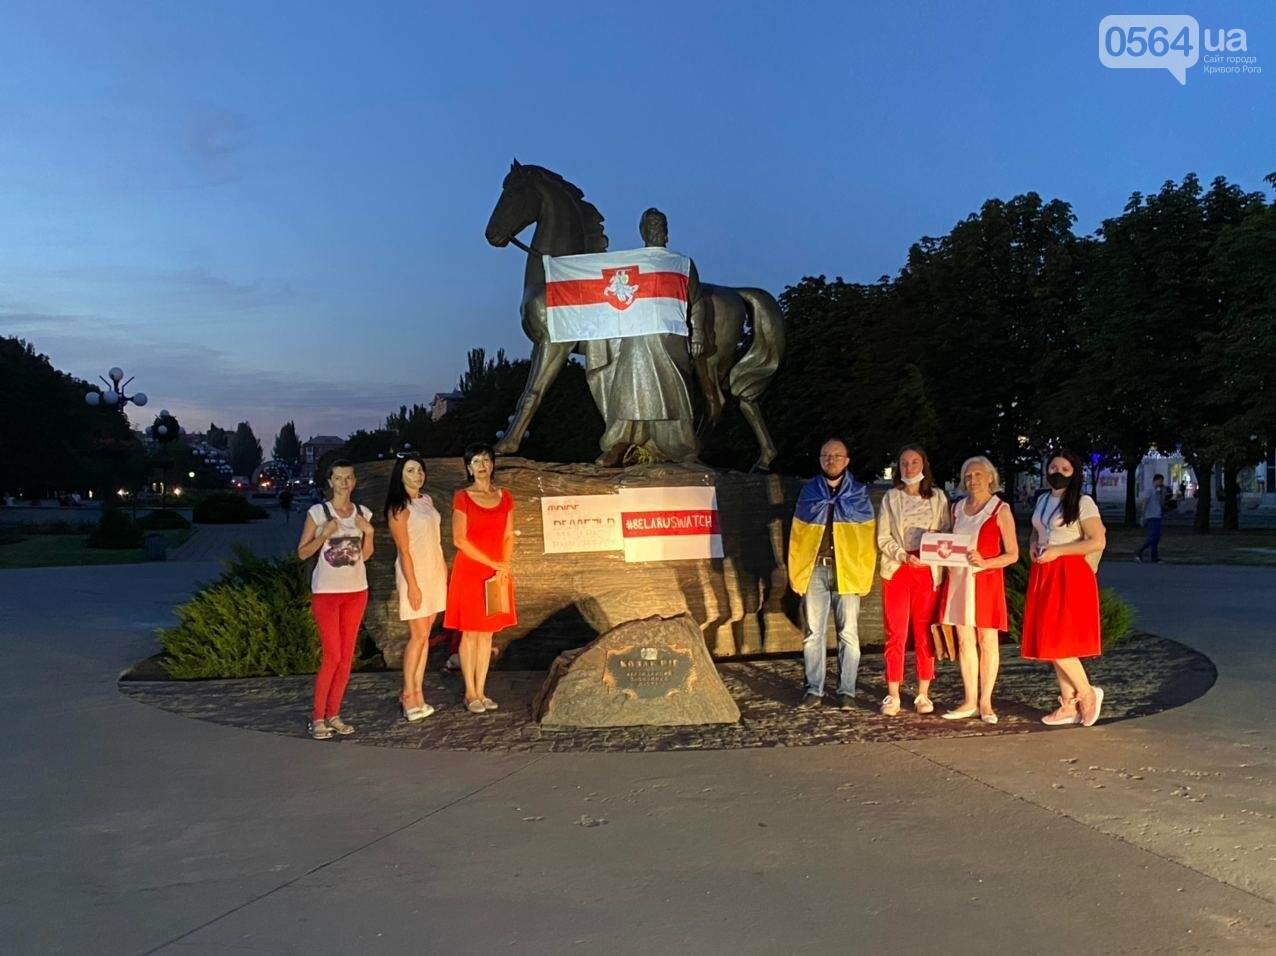 """""""Жыве Беларусь!  Живе вечна!"""", - в Кривом Роге провели акцию #BelarusWatch, - ФОТО, ВИДЕО, фото-1"""